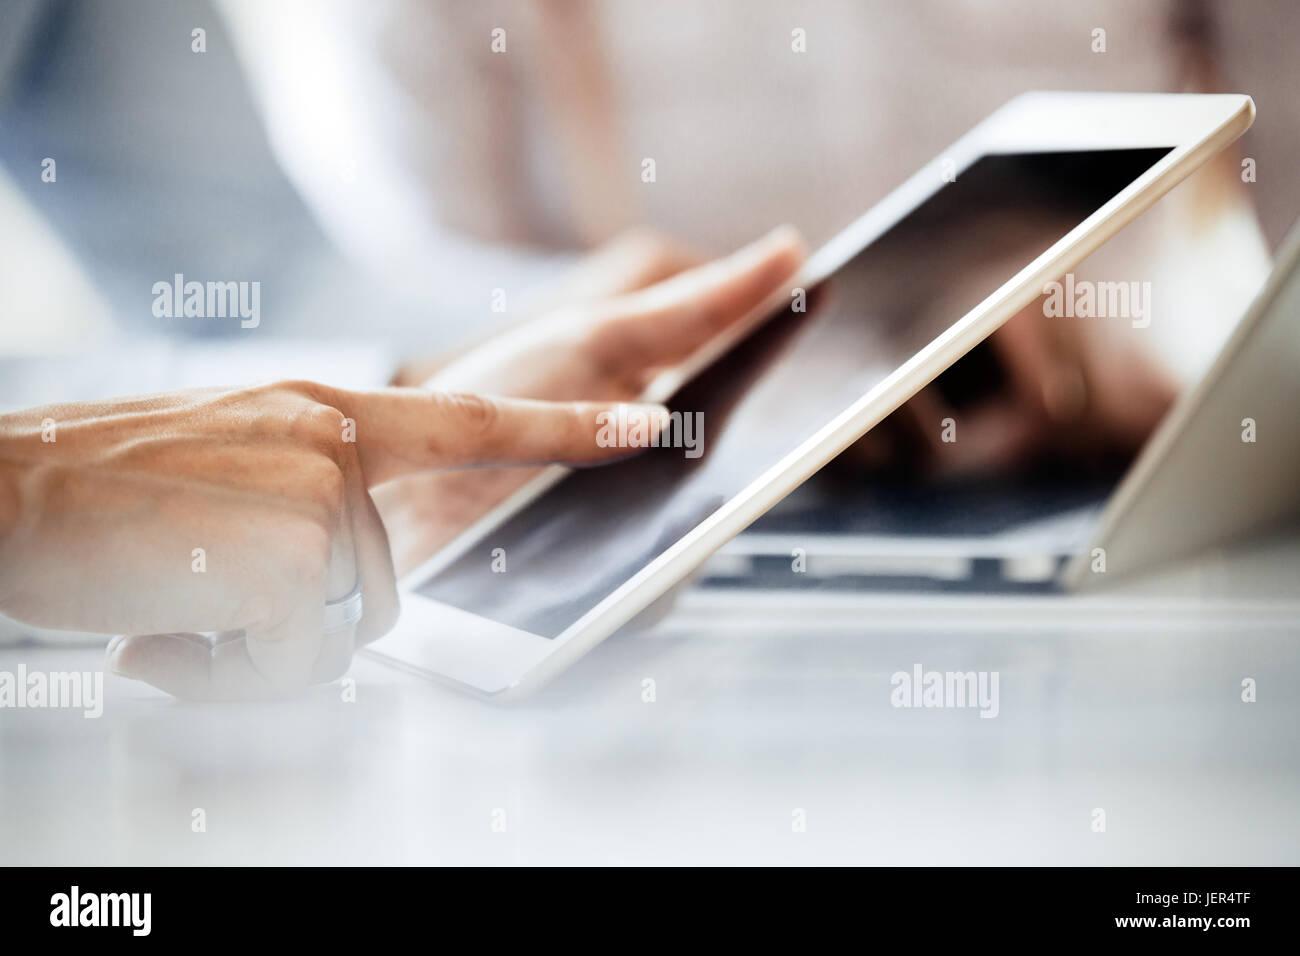 Nahaufnahme Bild der Geschäftsmann mit Tablet auf Schreibtisch Stockbild